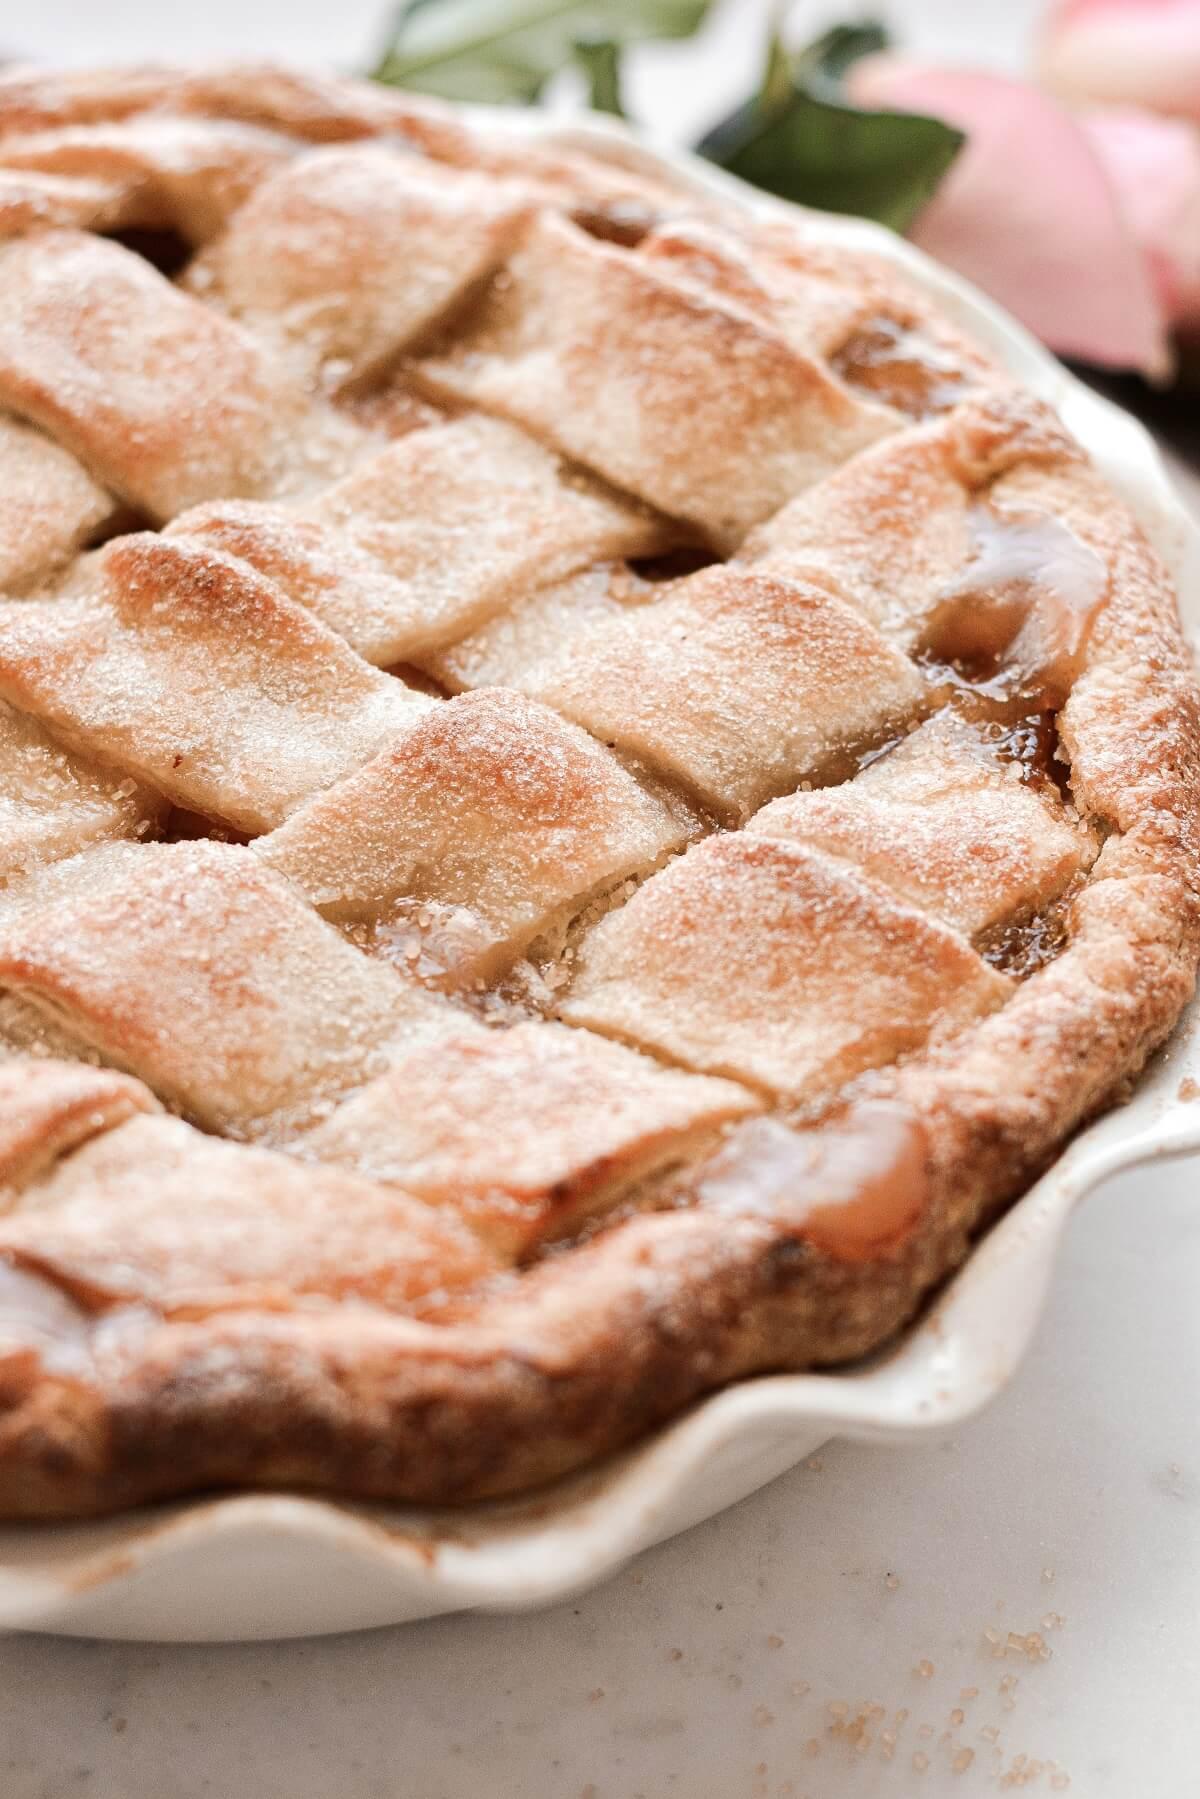 Closeup of the lattice crust on a peach pie.